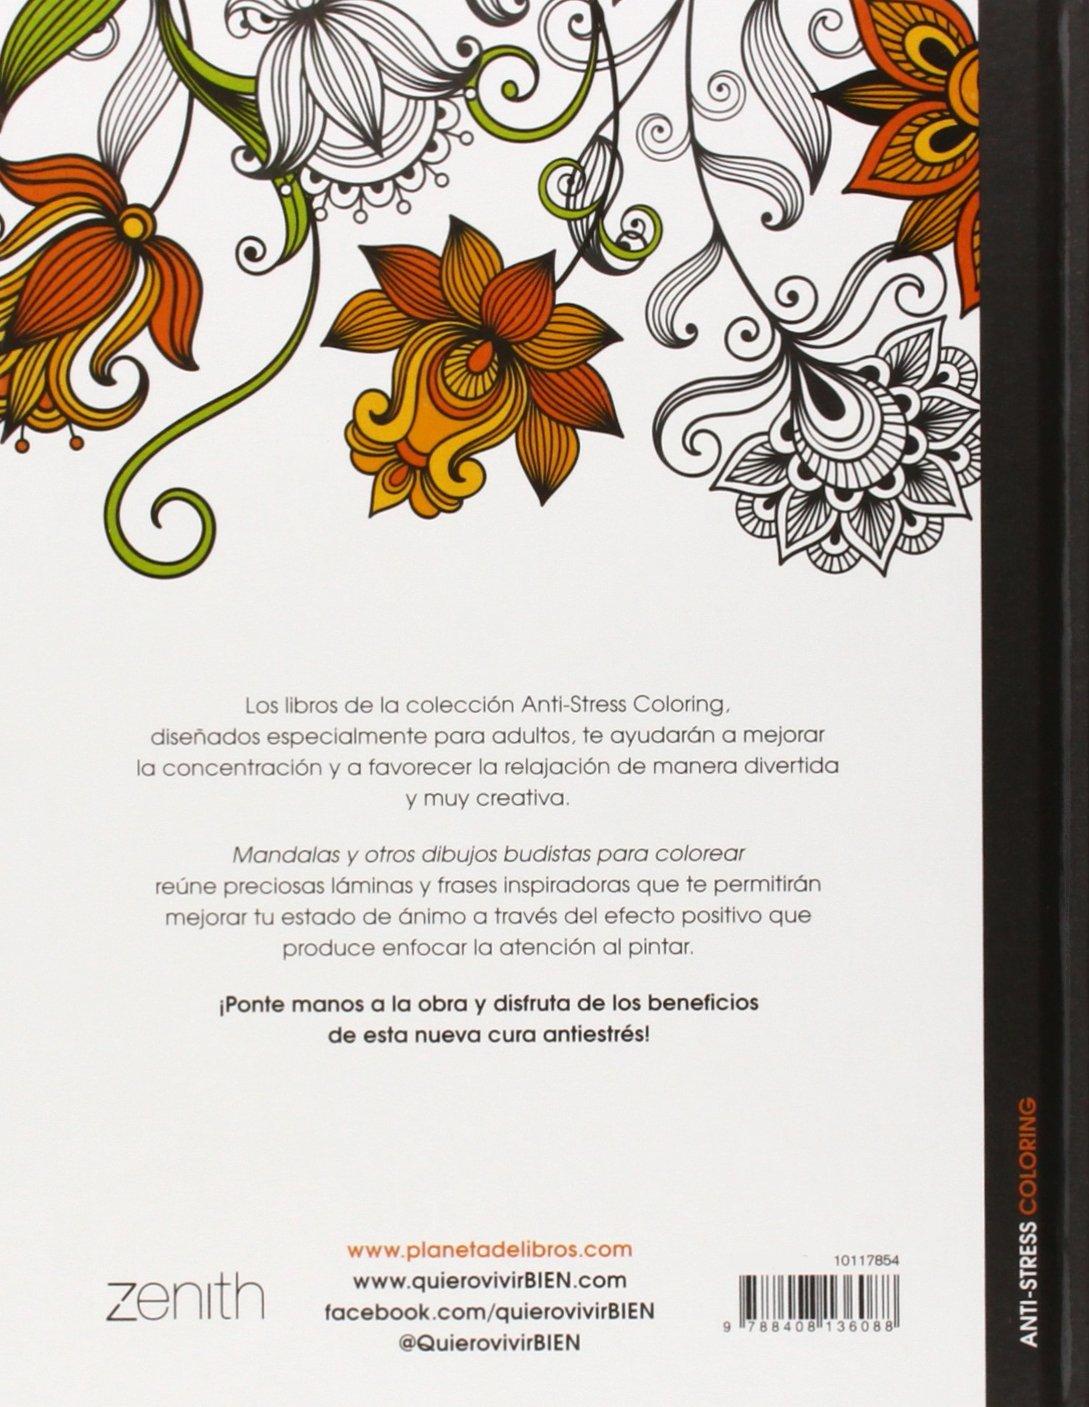 Mandalas y otros dibujos budistas para colorear Anti-stress coloring ...